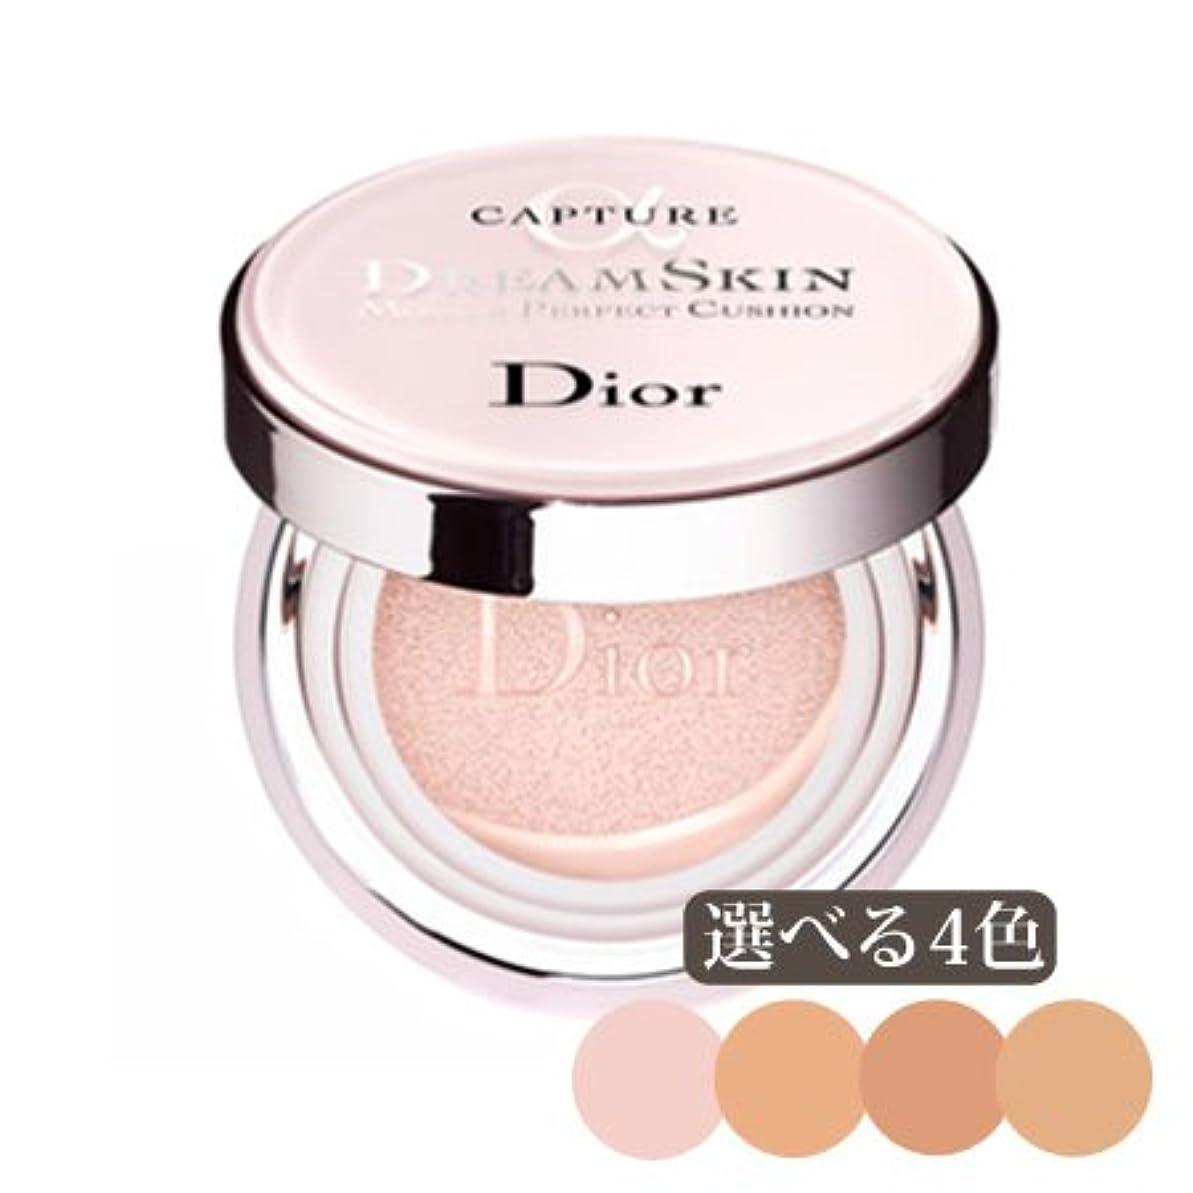 浸したにはまってタービンディオール カプチュール ドリームスキン モイスト クッション 選べる4色 -Dior- 012